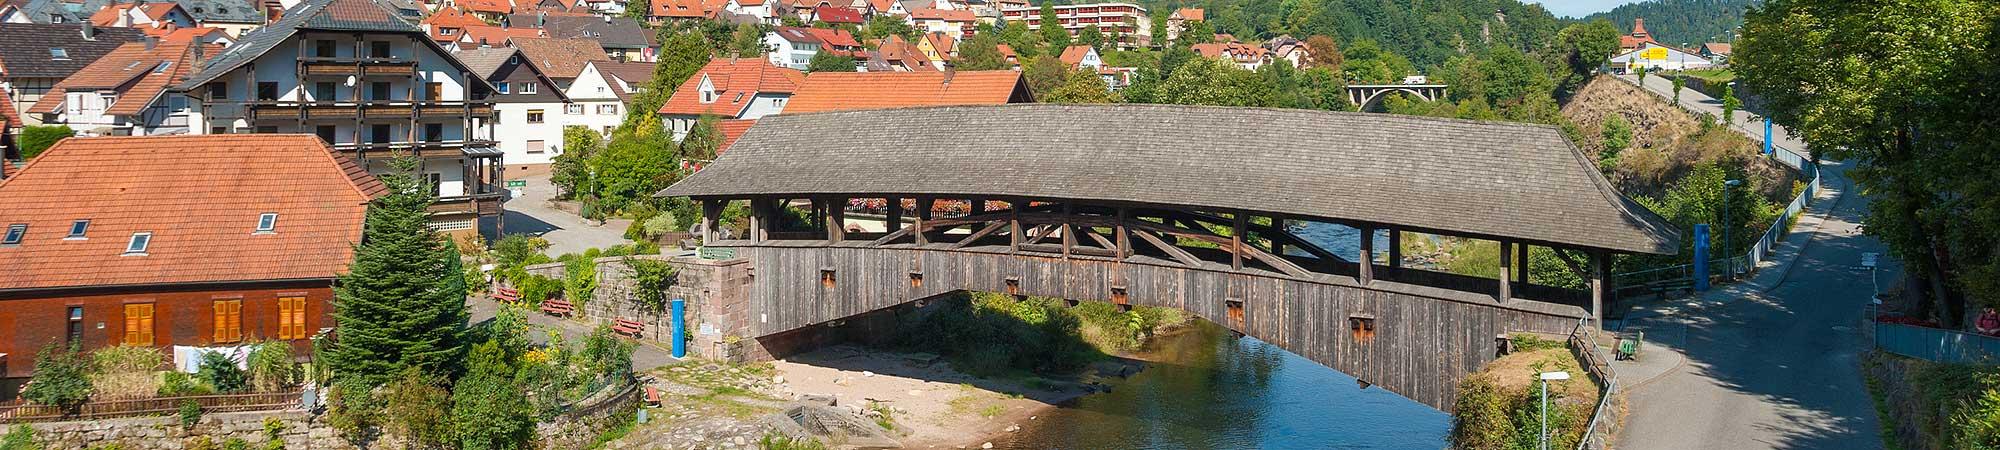 Immobilien-Buehl-Baden-Baden-Murgtal